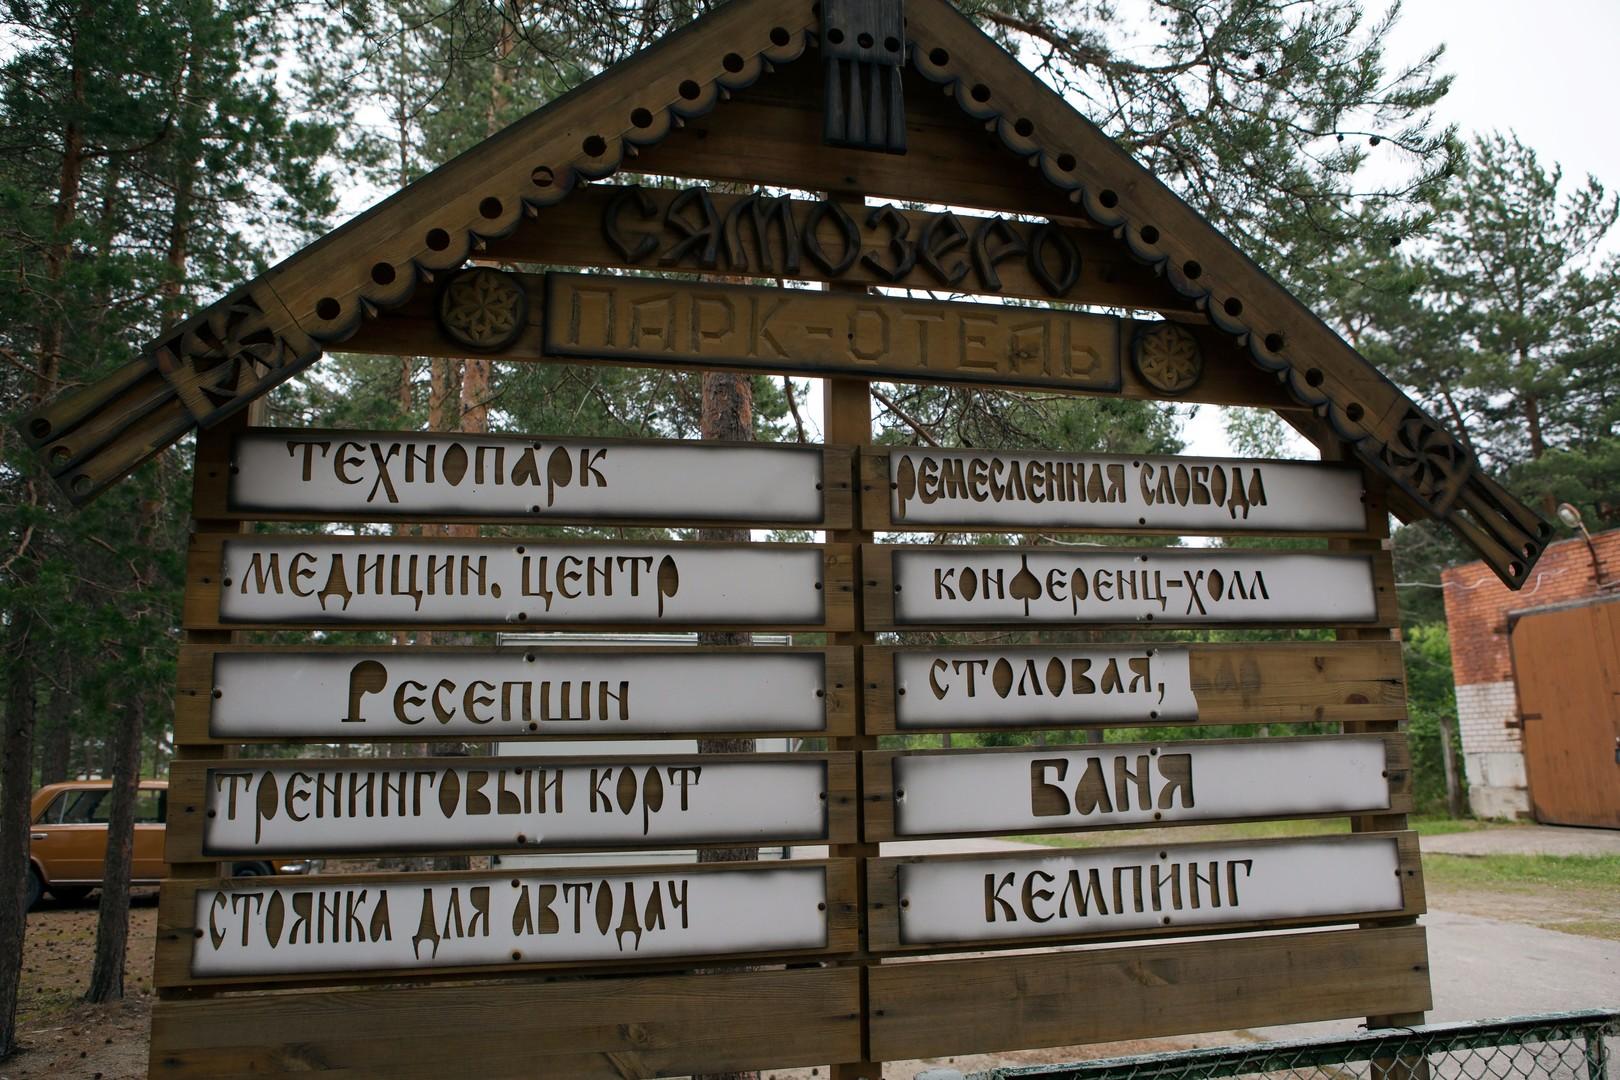 Власти Карелии подадут в суд иск с требованием закрыть лагерь «Сямозеро»